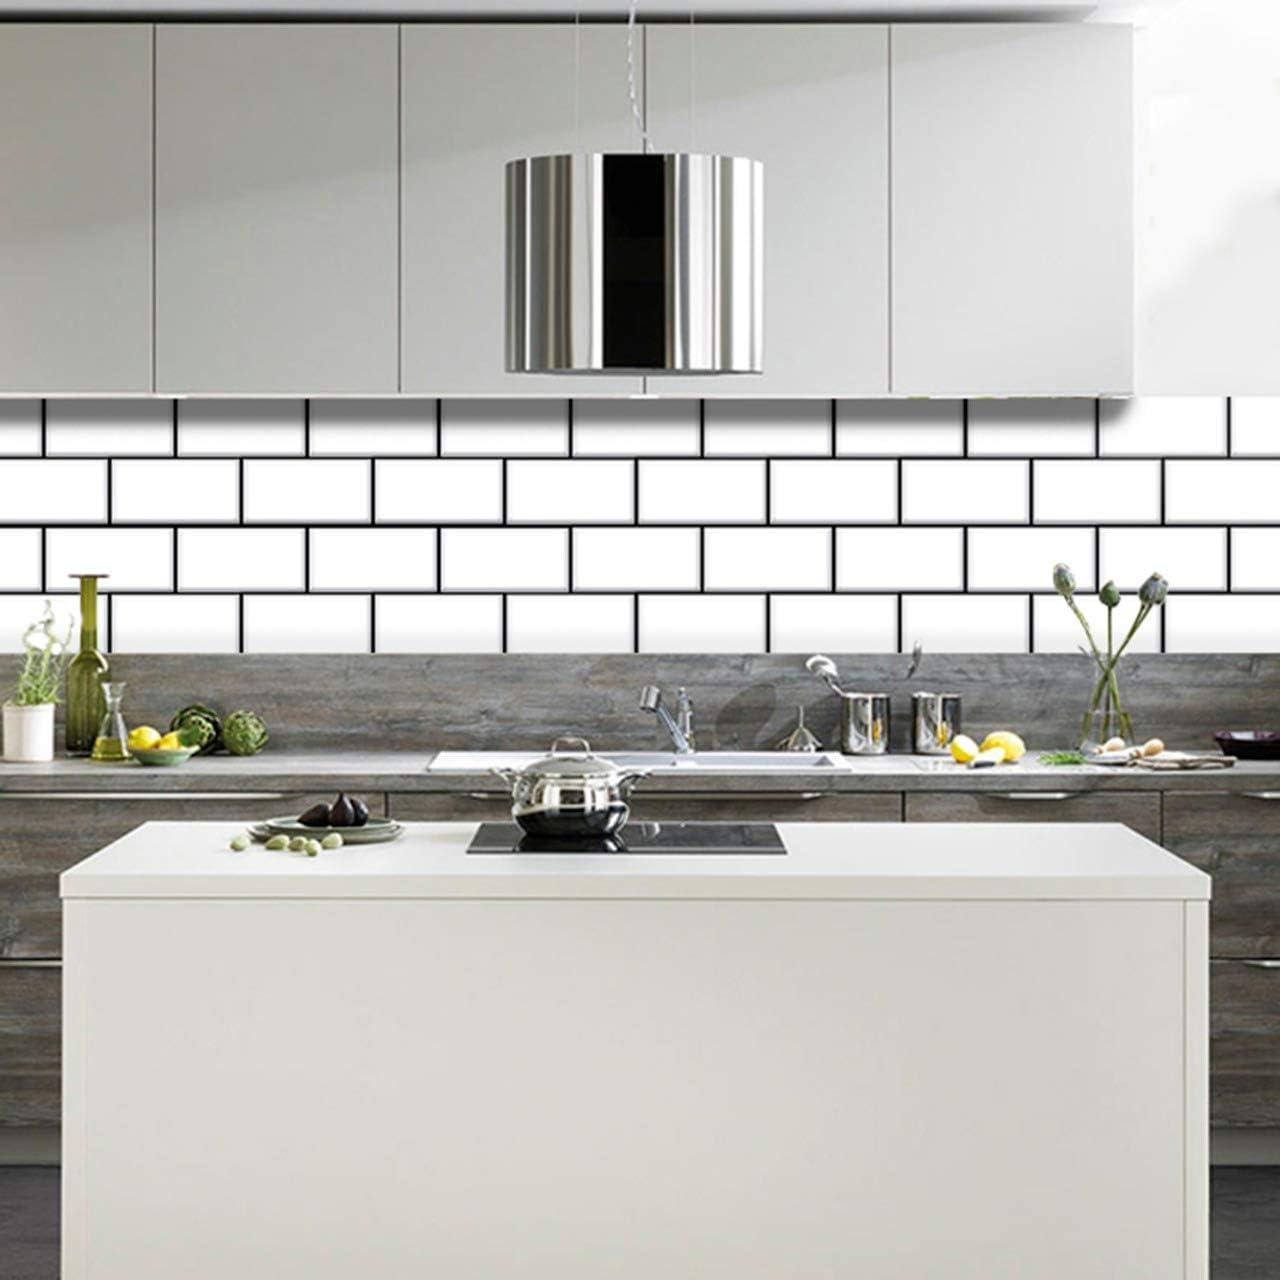 - Amazon.com: BRICKA White Brick Tile Stickers 6x6 Inches Set 20